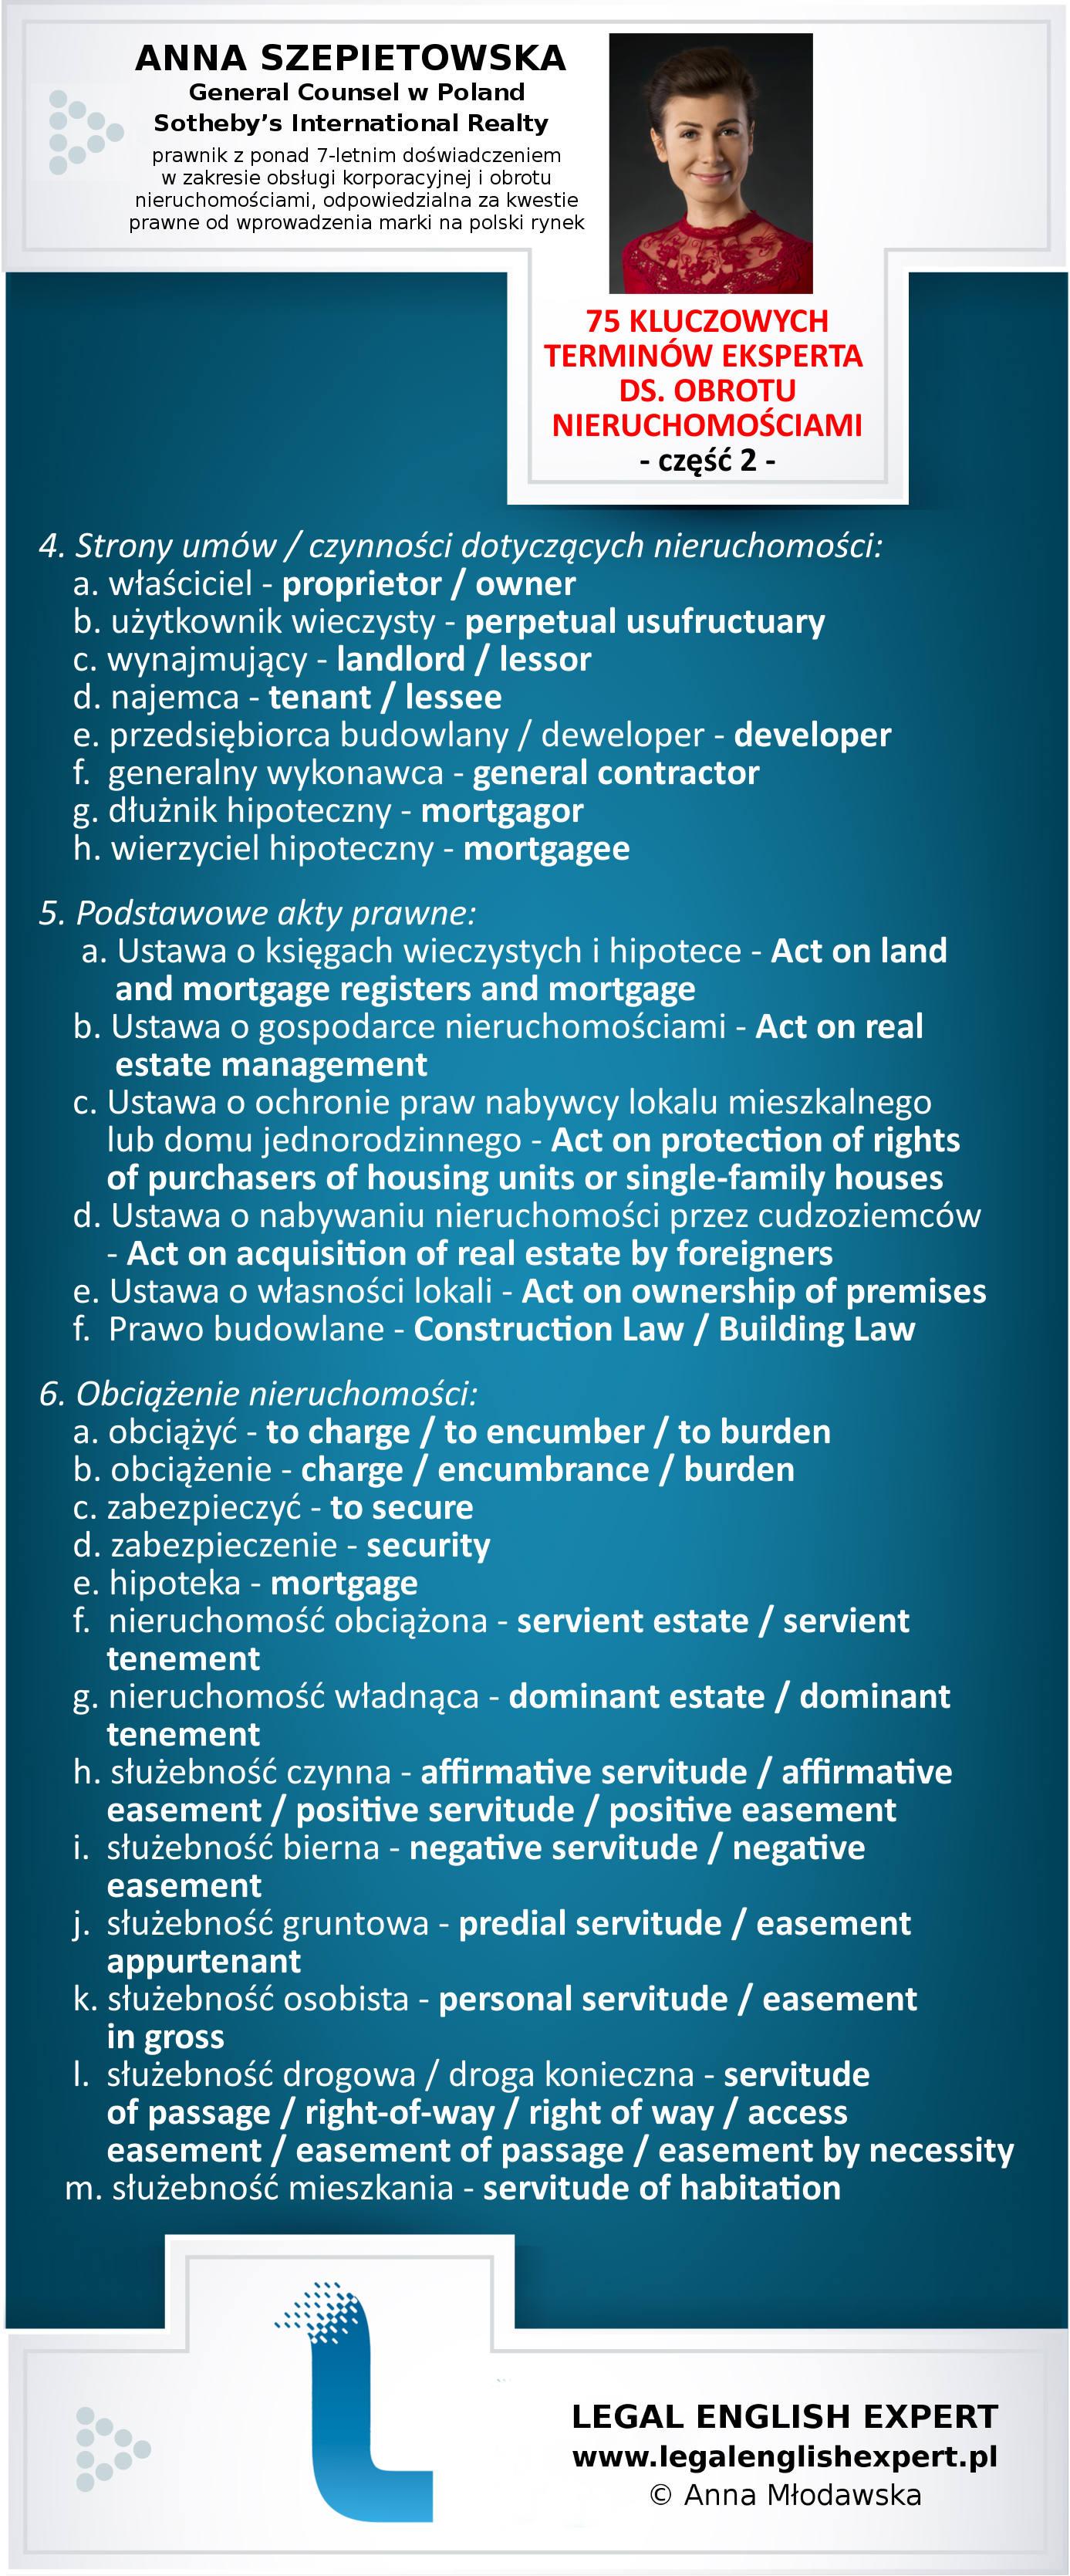 75-kluczowych-terminow-obrot-nieruchomosciami-czesc_2